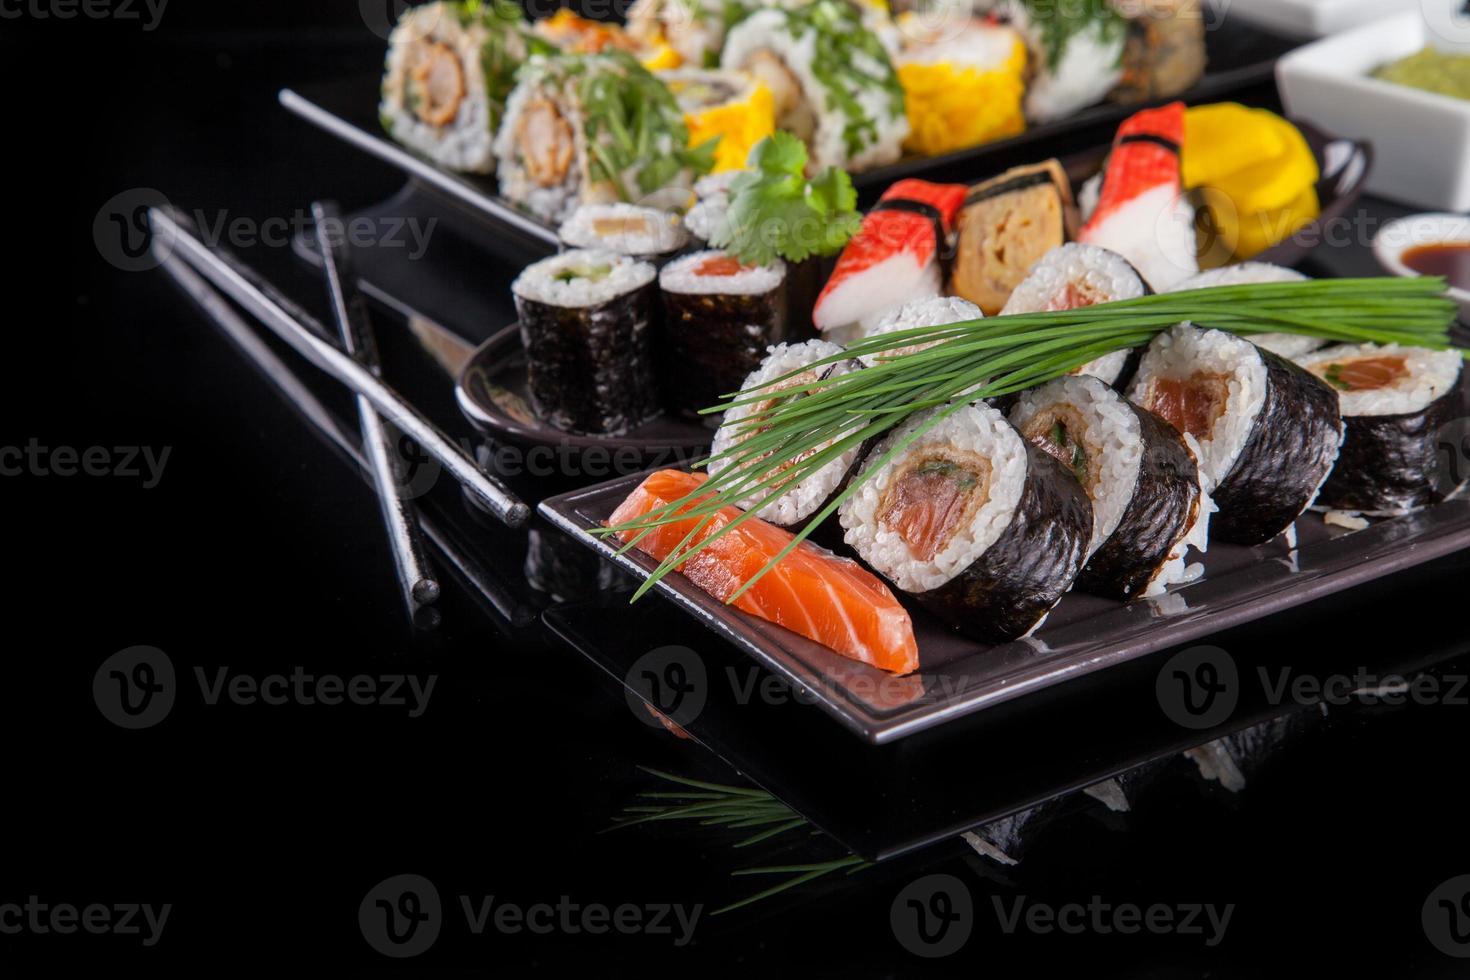 läckra sushibitar på svart bakgrund foto